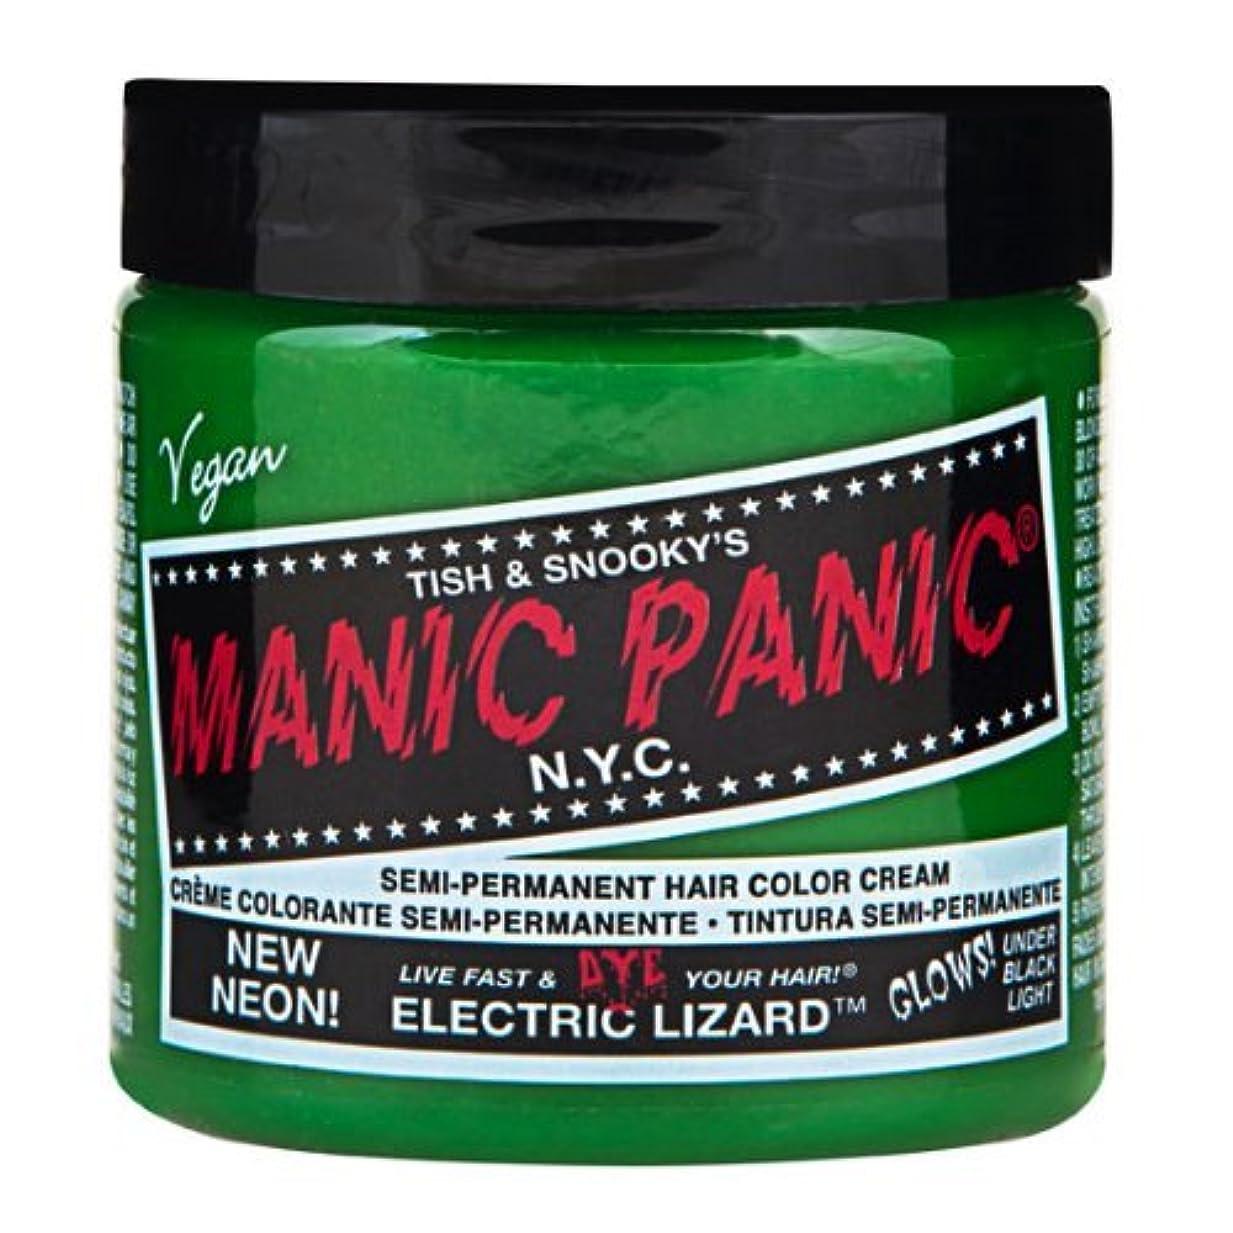 植物の大胆なヒロインマニックパニック MANIC PANIC ヘアカラー 118mlネオンエレクトリックリザード ヘアーカラー